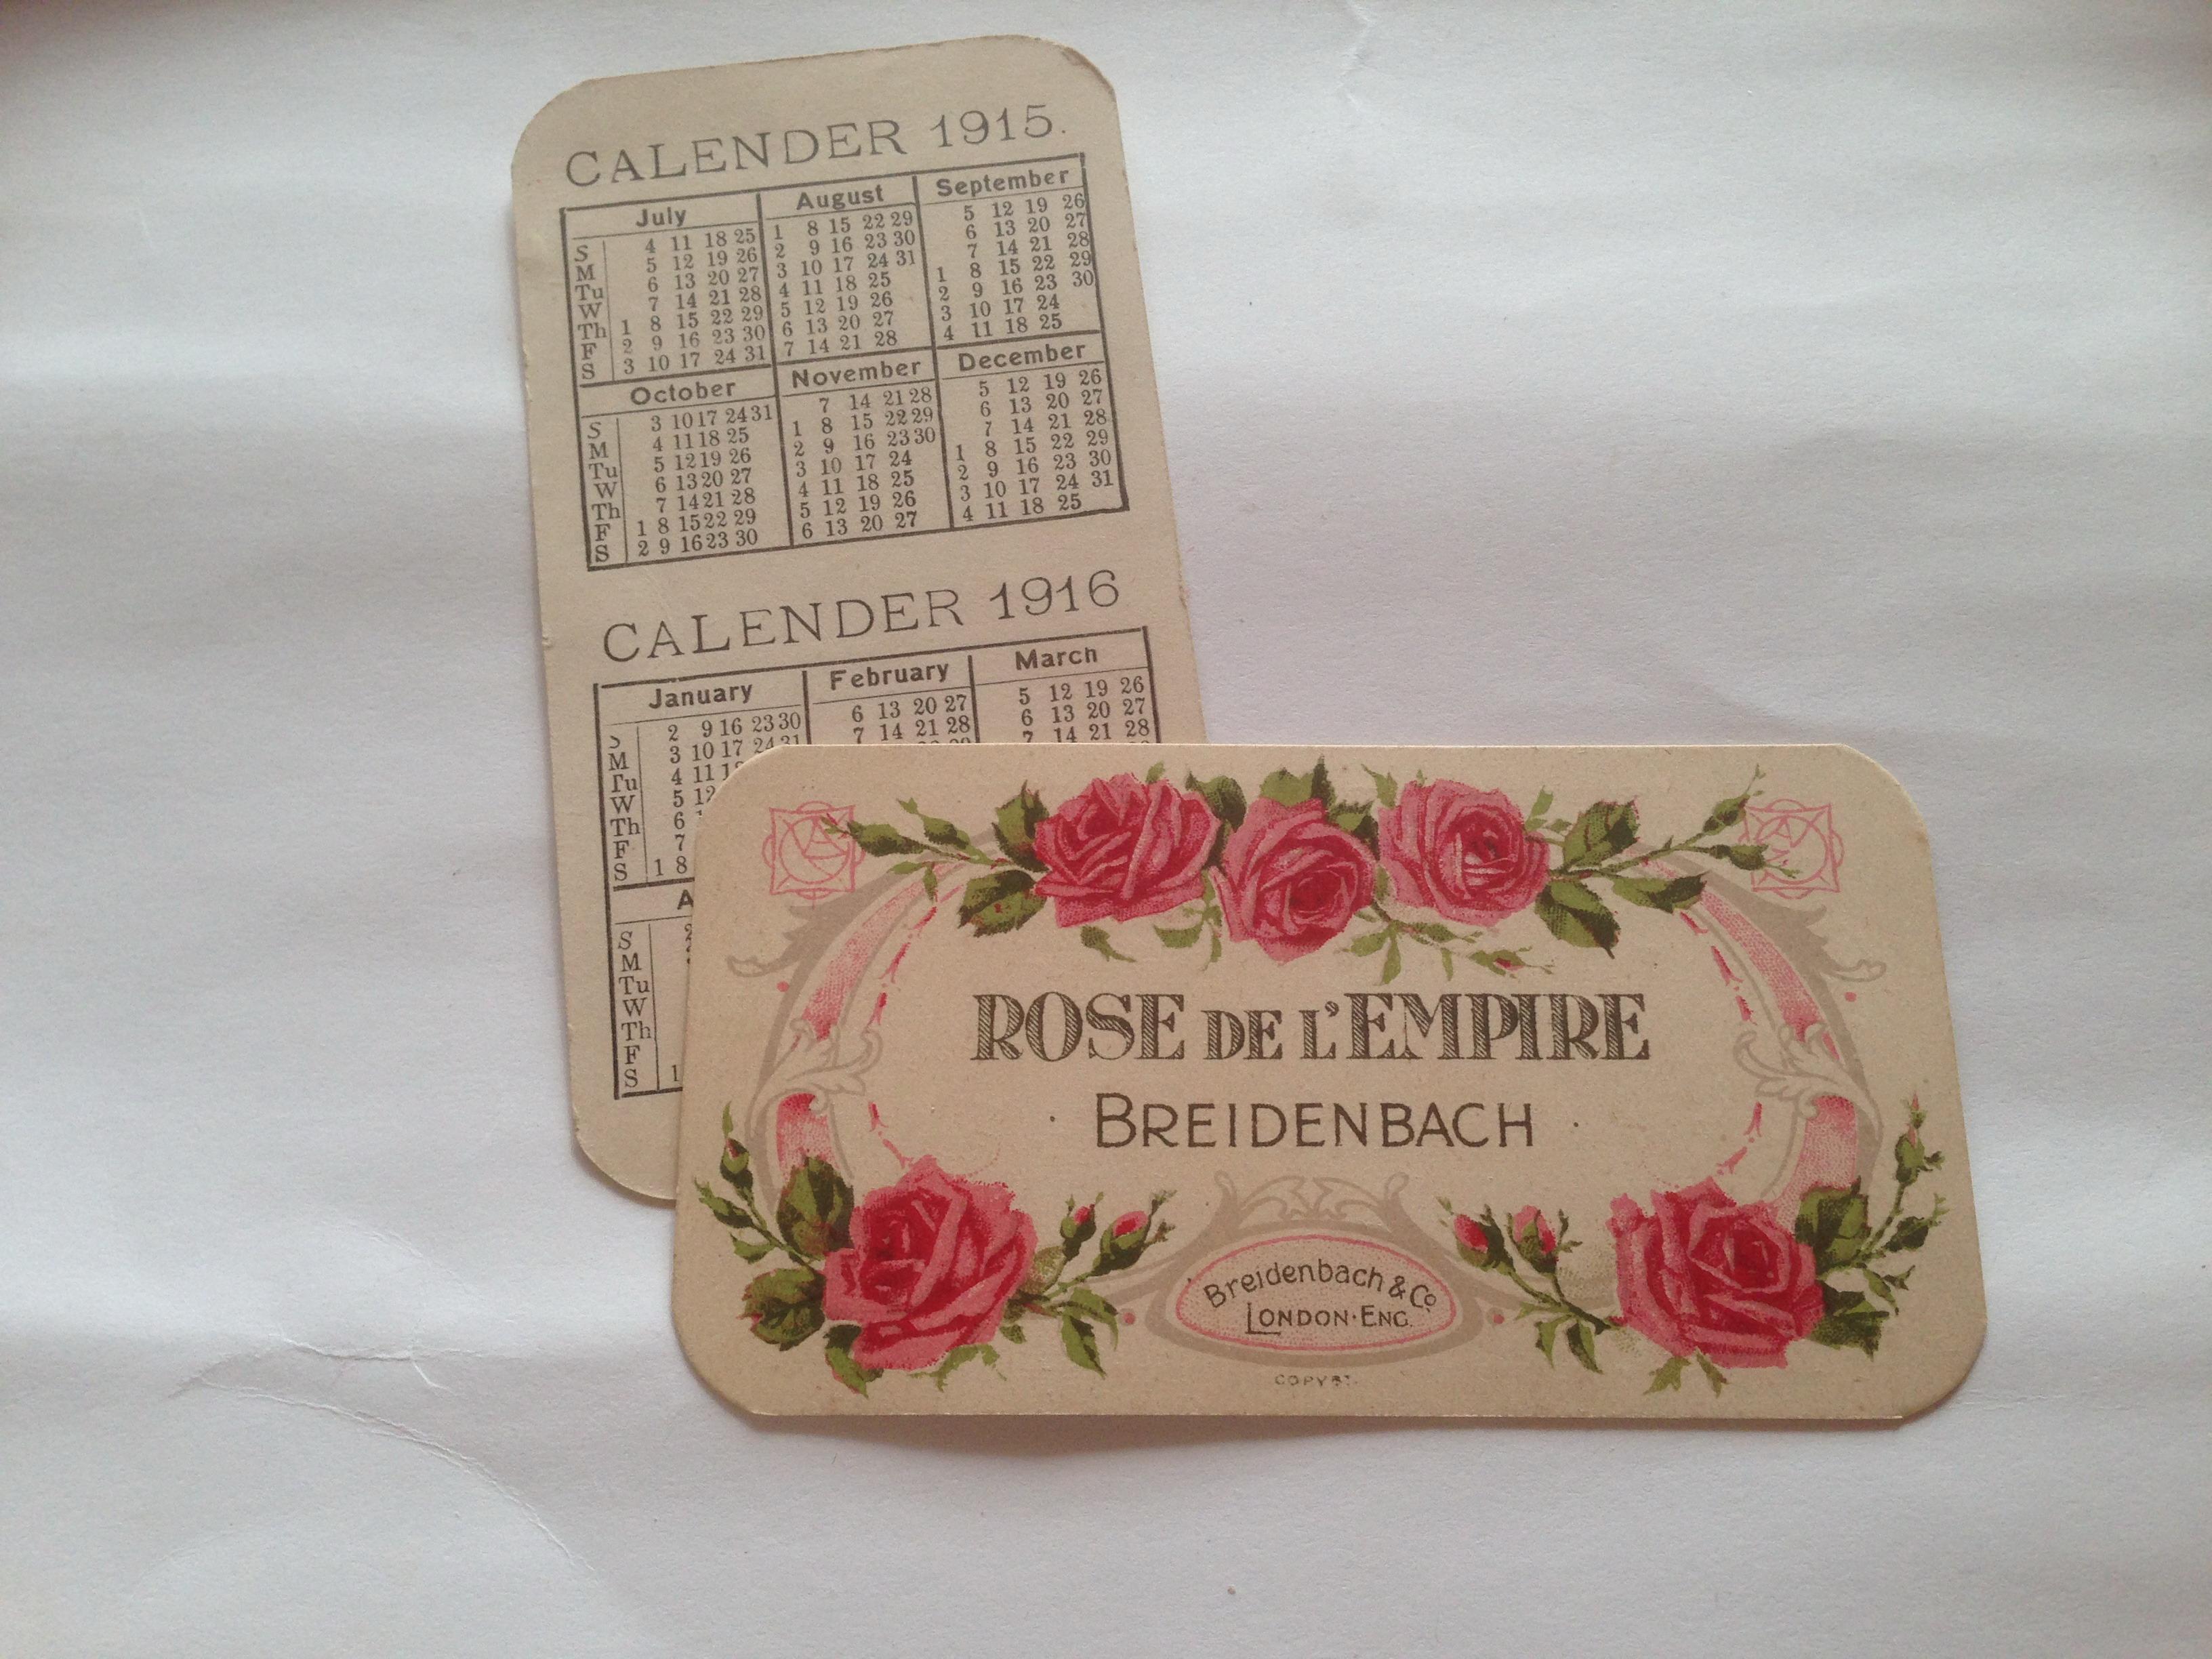 Breidenbach - Rose de L'Empire